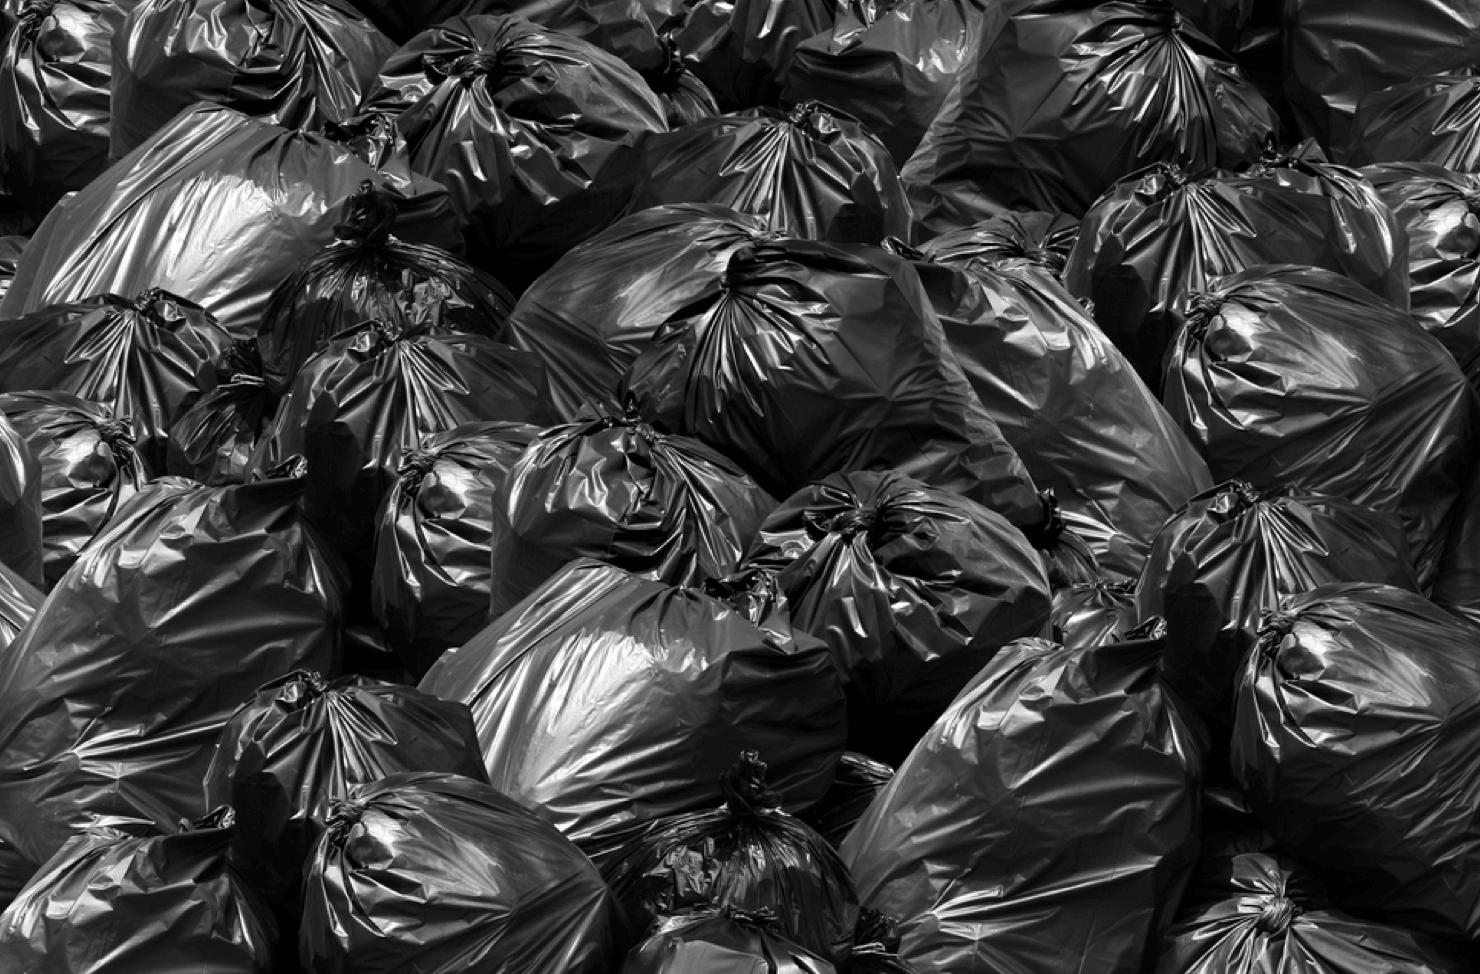 overfilled wheelie bins